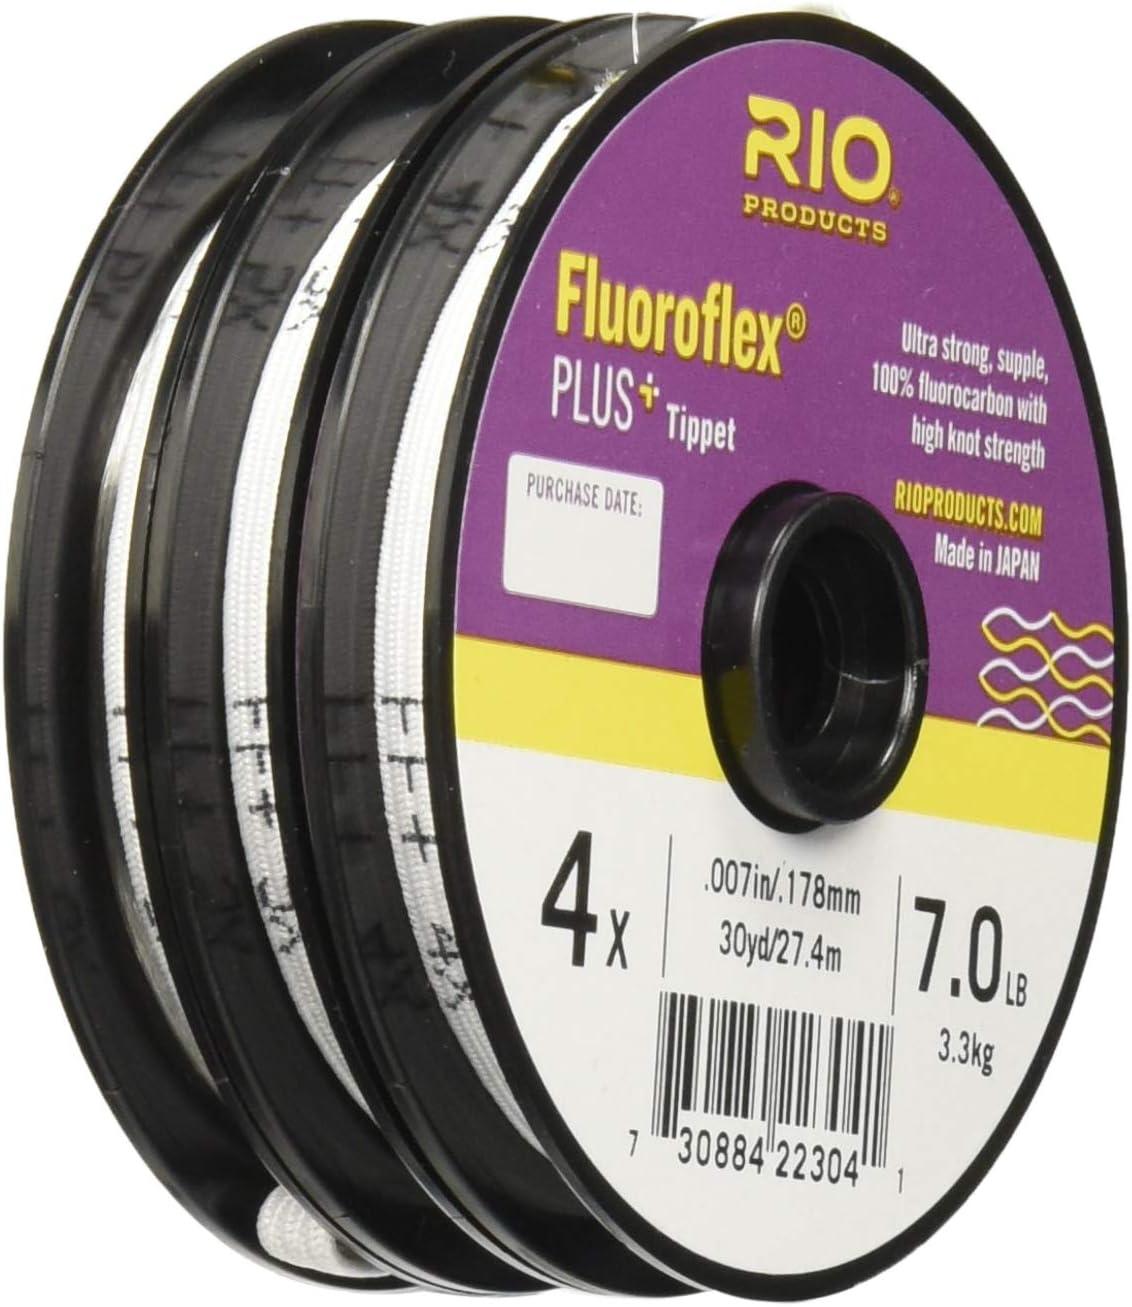 Rio Fluoroflex Plus 3-Pack Tippet Bobines 3x 4x 5x-LIVRAISON GRATUITE